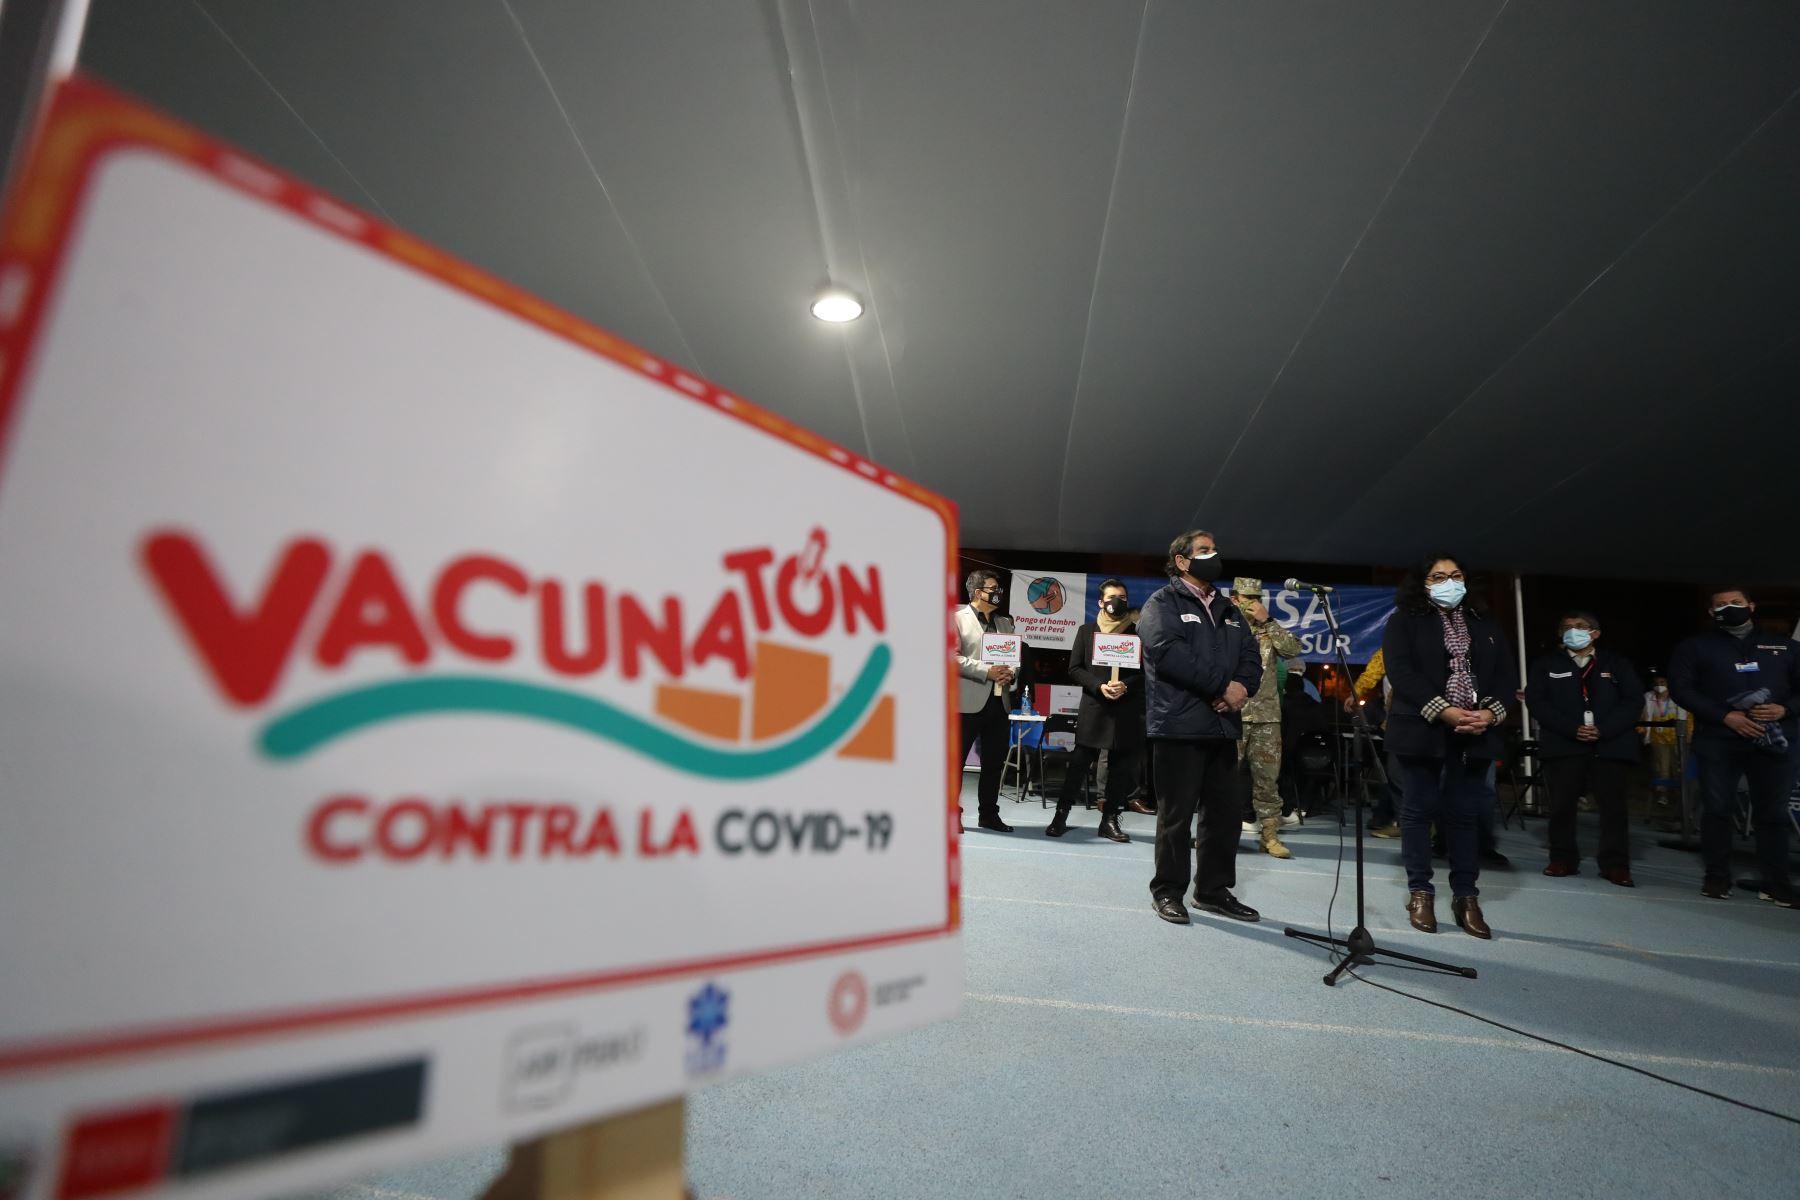 Jefa del Gabinete clausurará esta noche segunda vacunatón